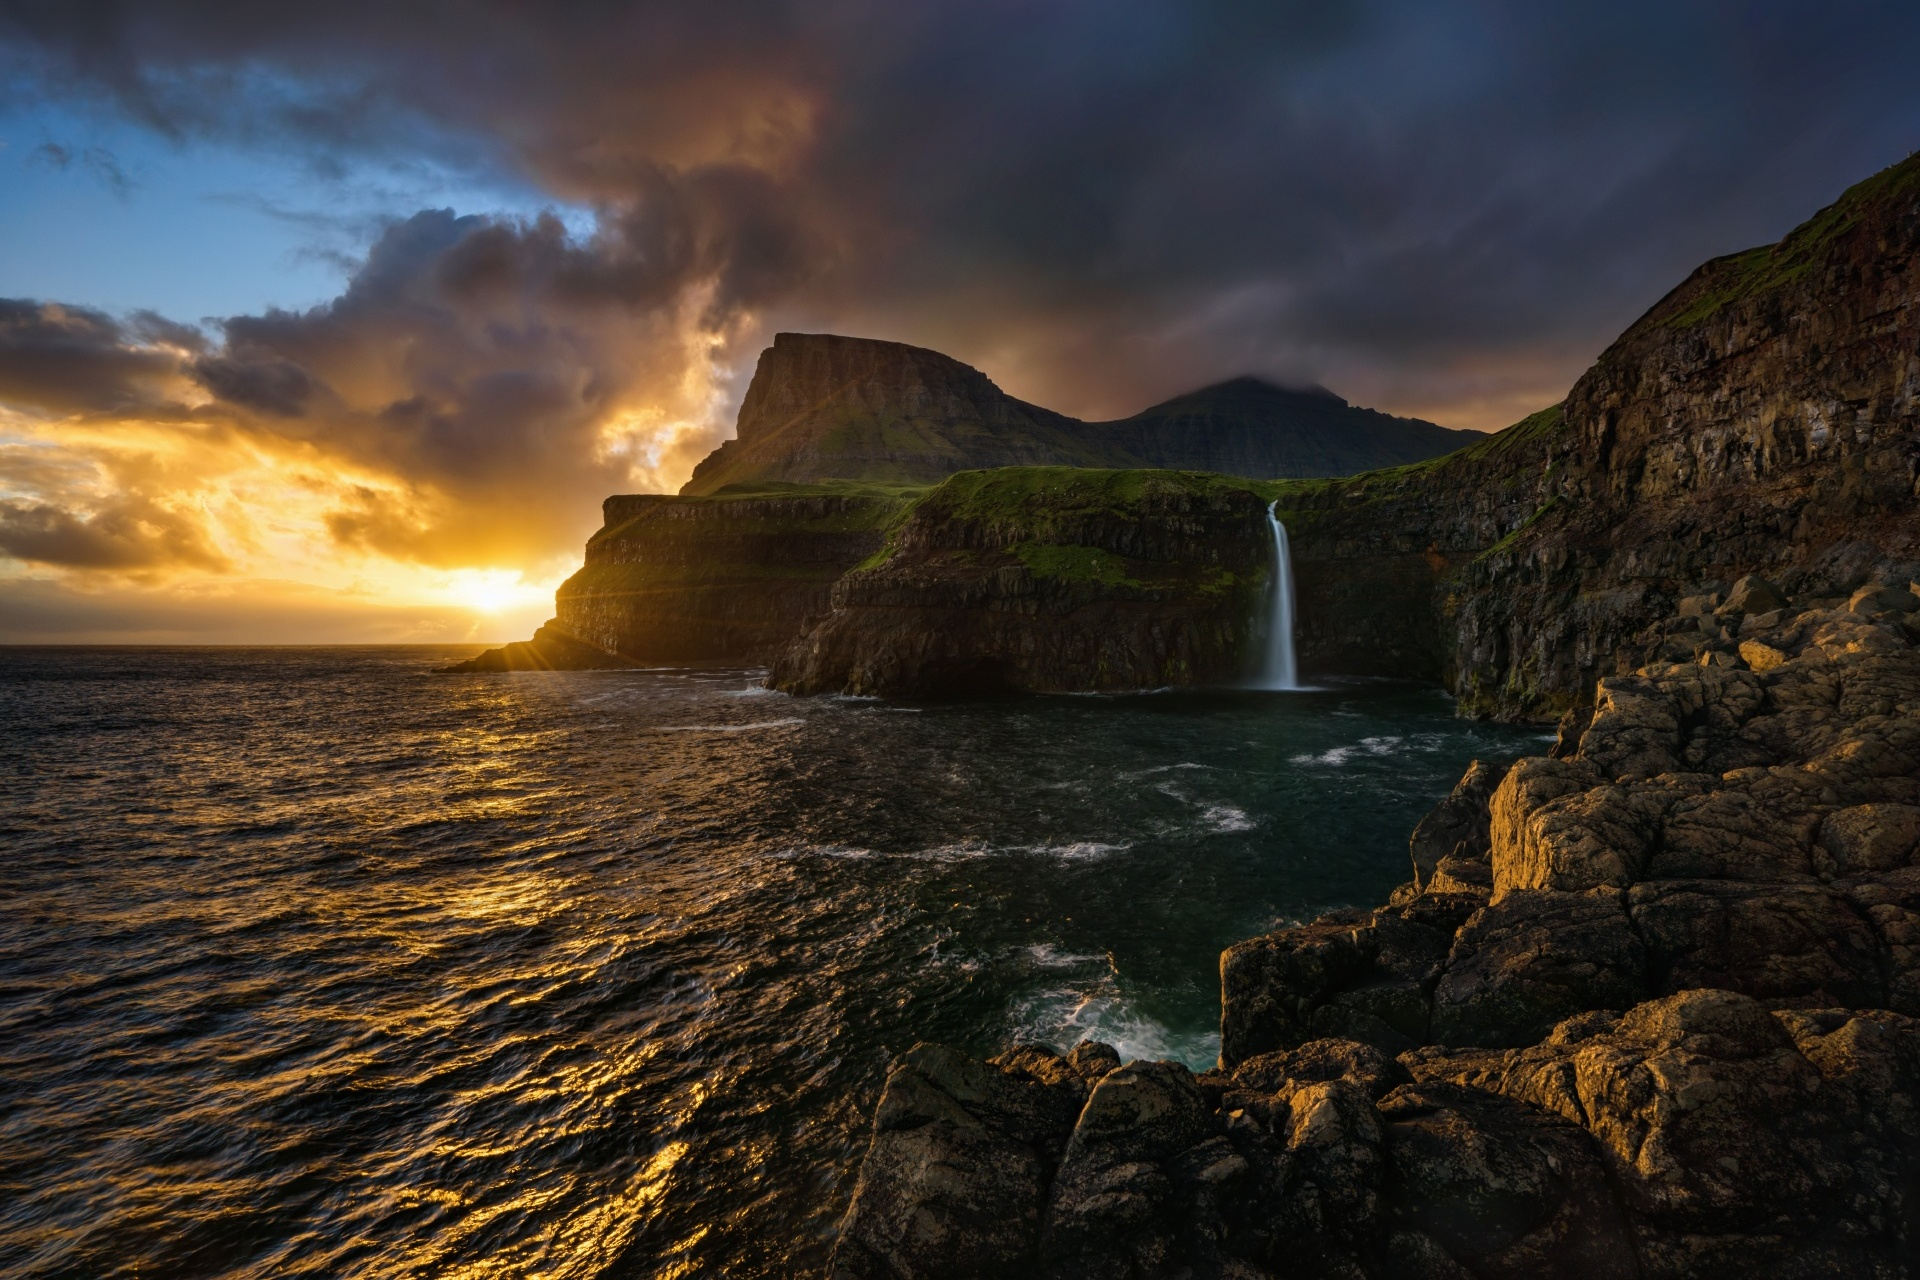 フェロー諸島 ヴォーアル島の夕焼け